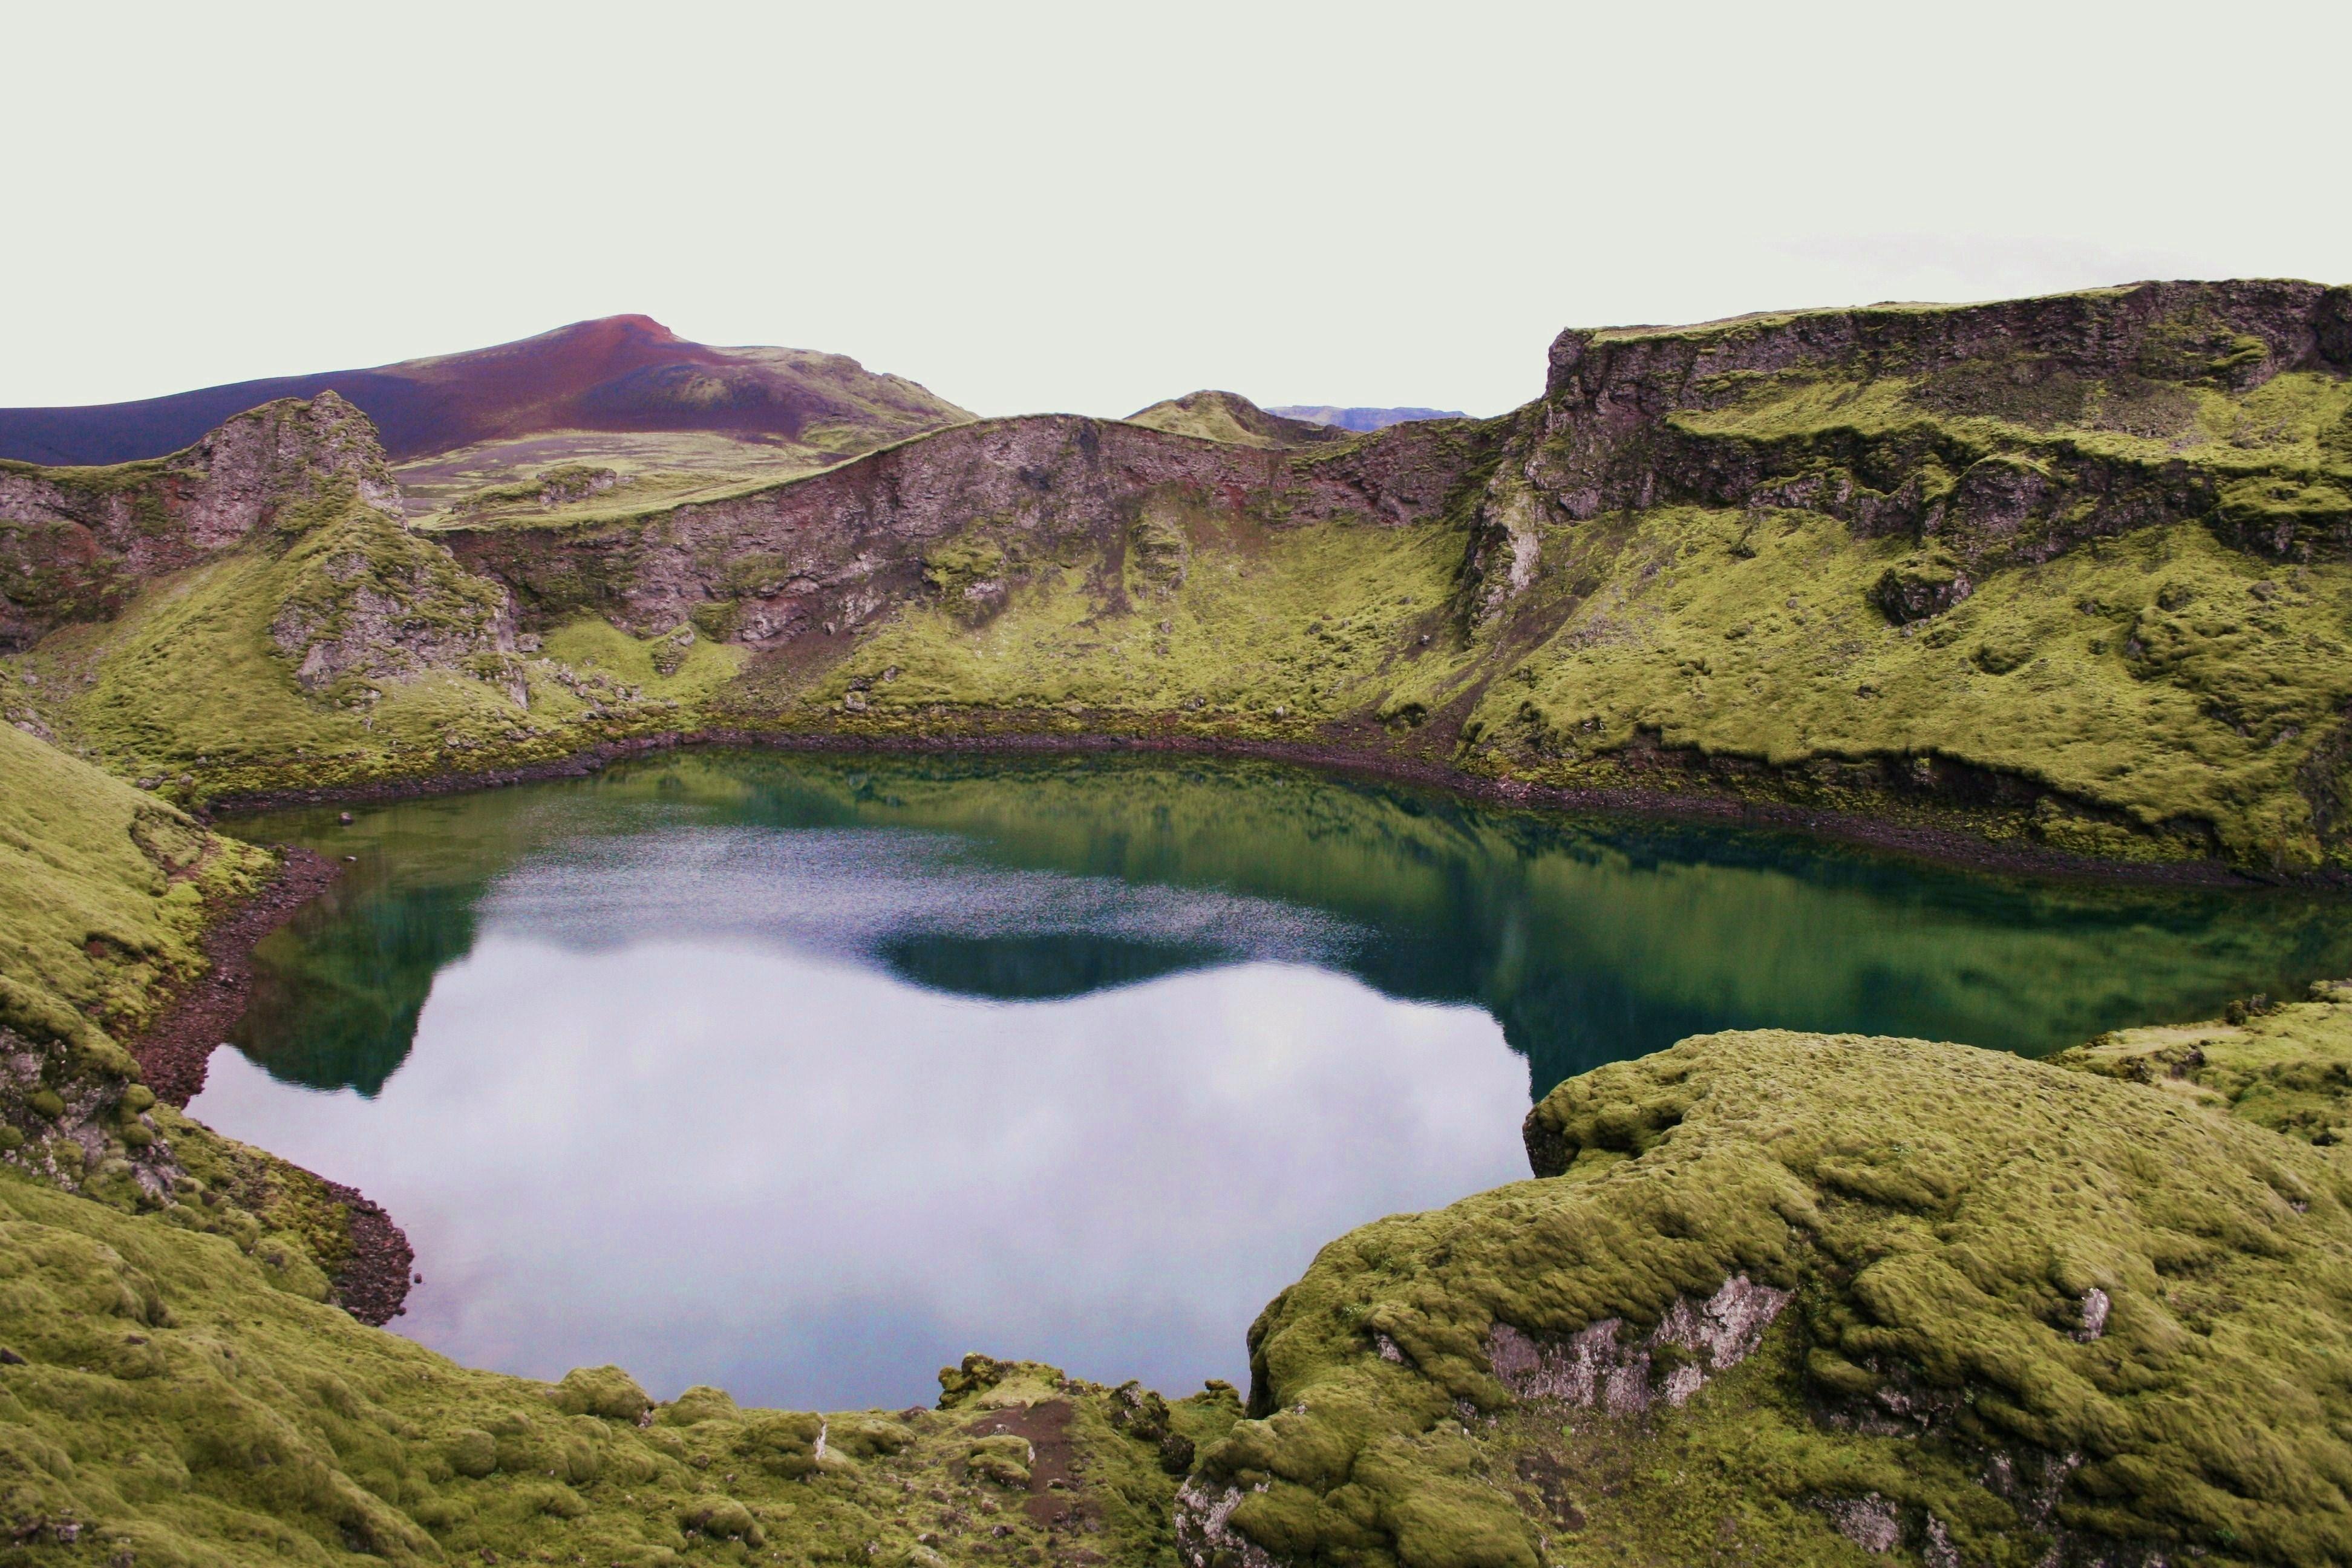 De nombreux cratères islandais sont en fait des lacs de cratères, remplis toute l'année d'eaux bleues.